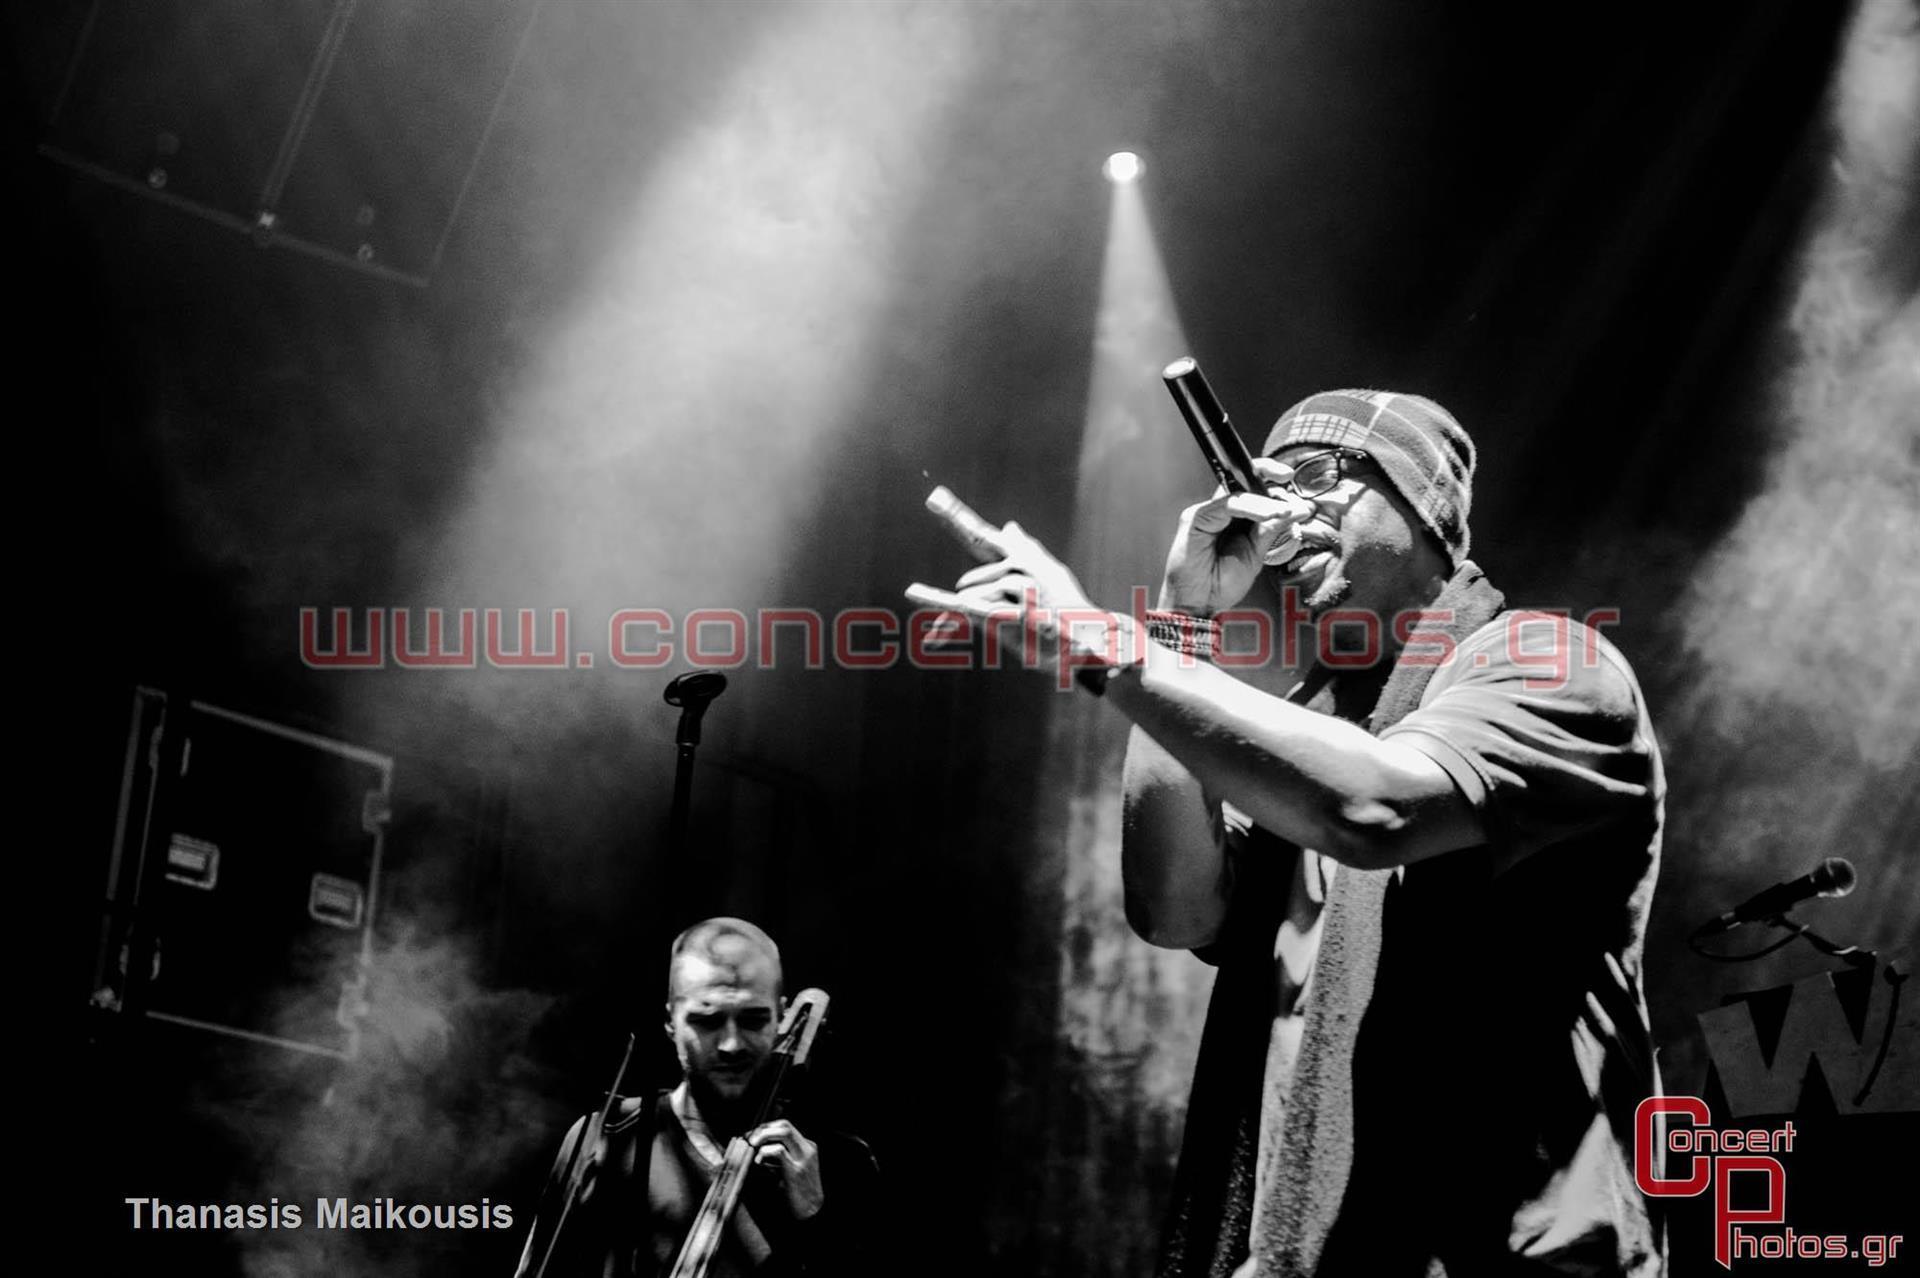 Wax Tailor - photographer: Thanasis Maikousis - ConcertPhotos-7819